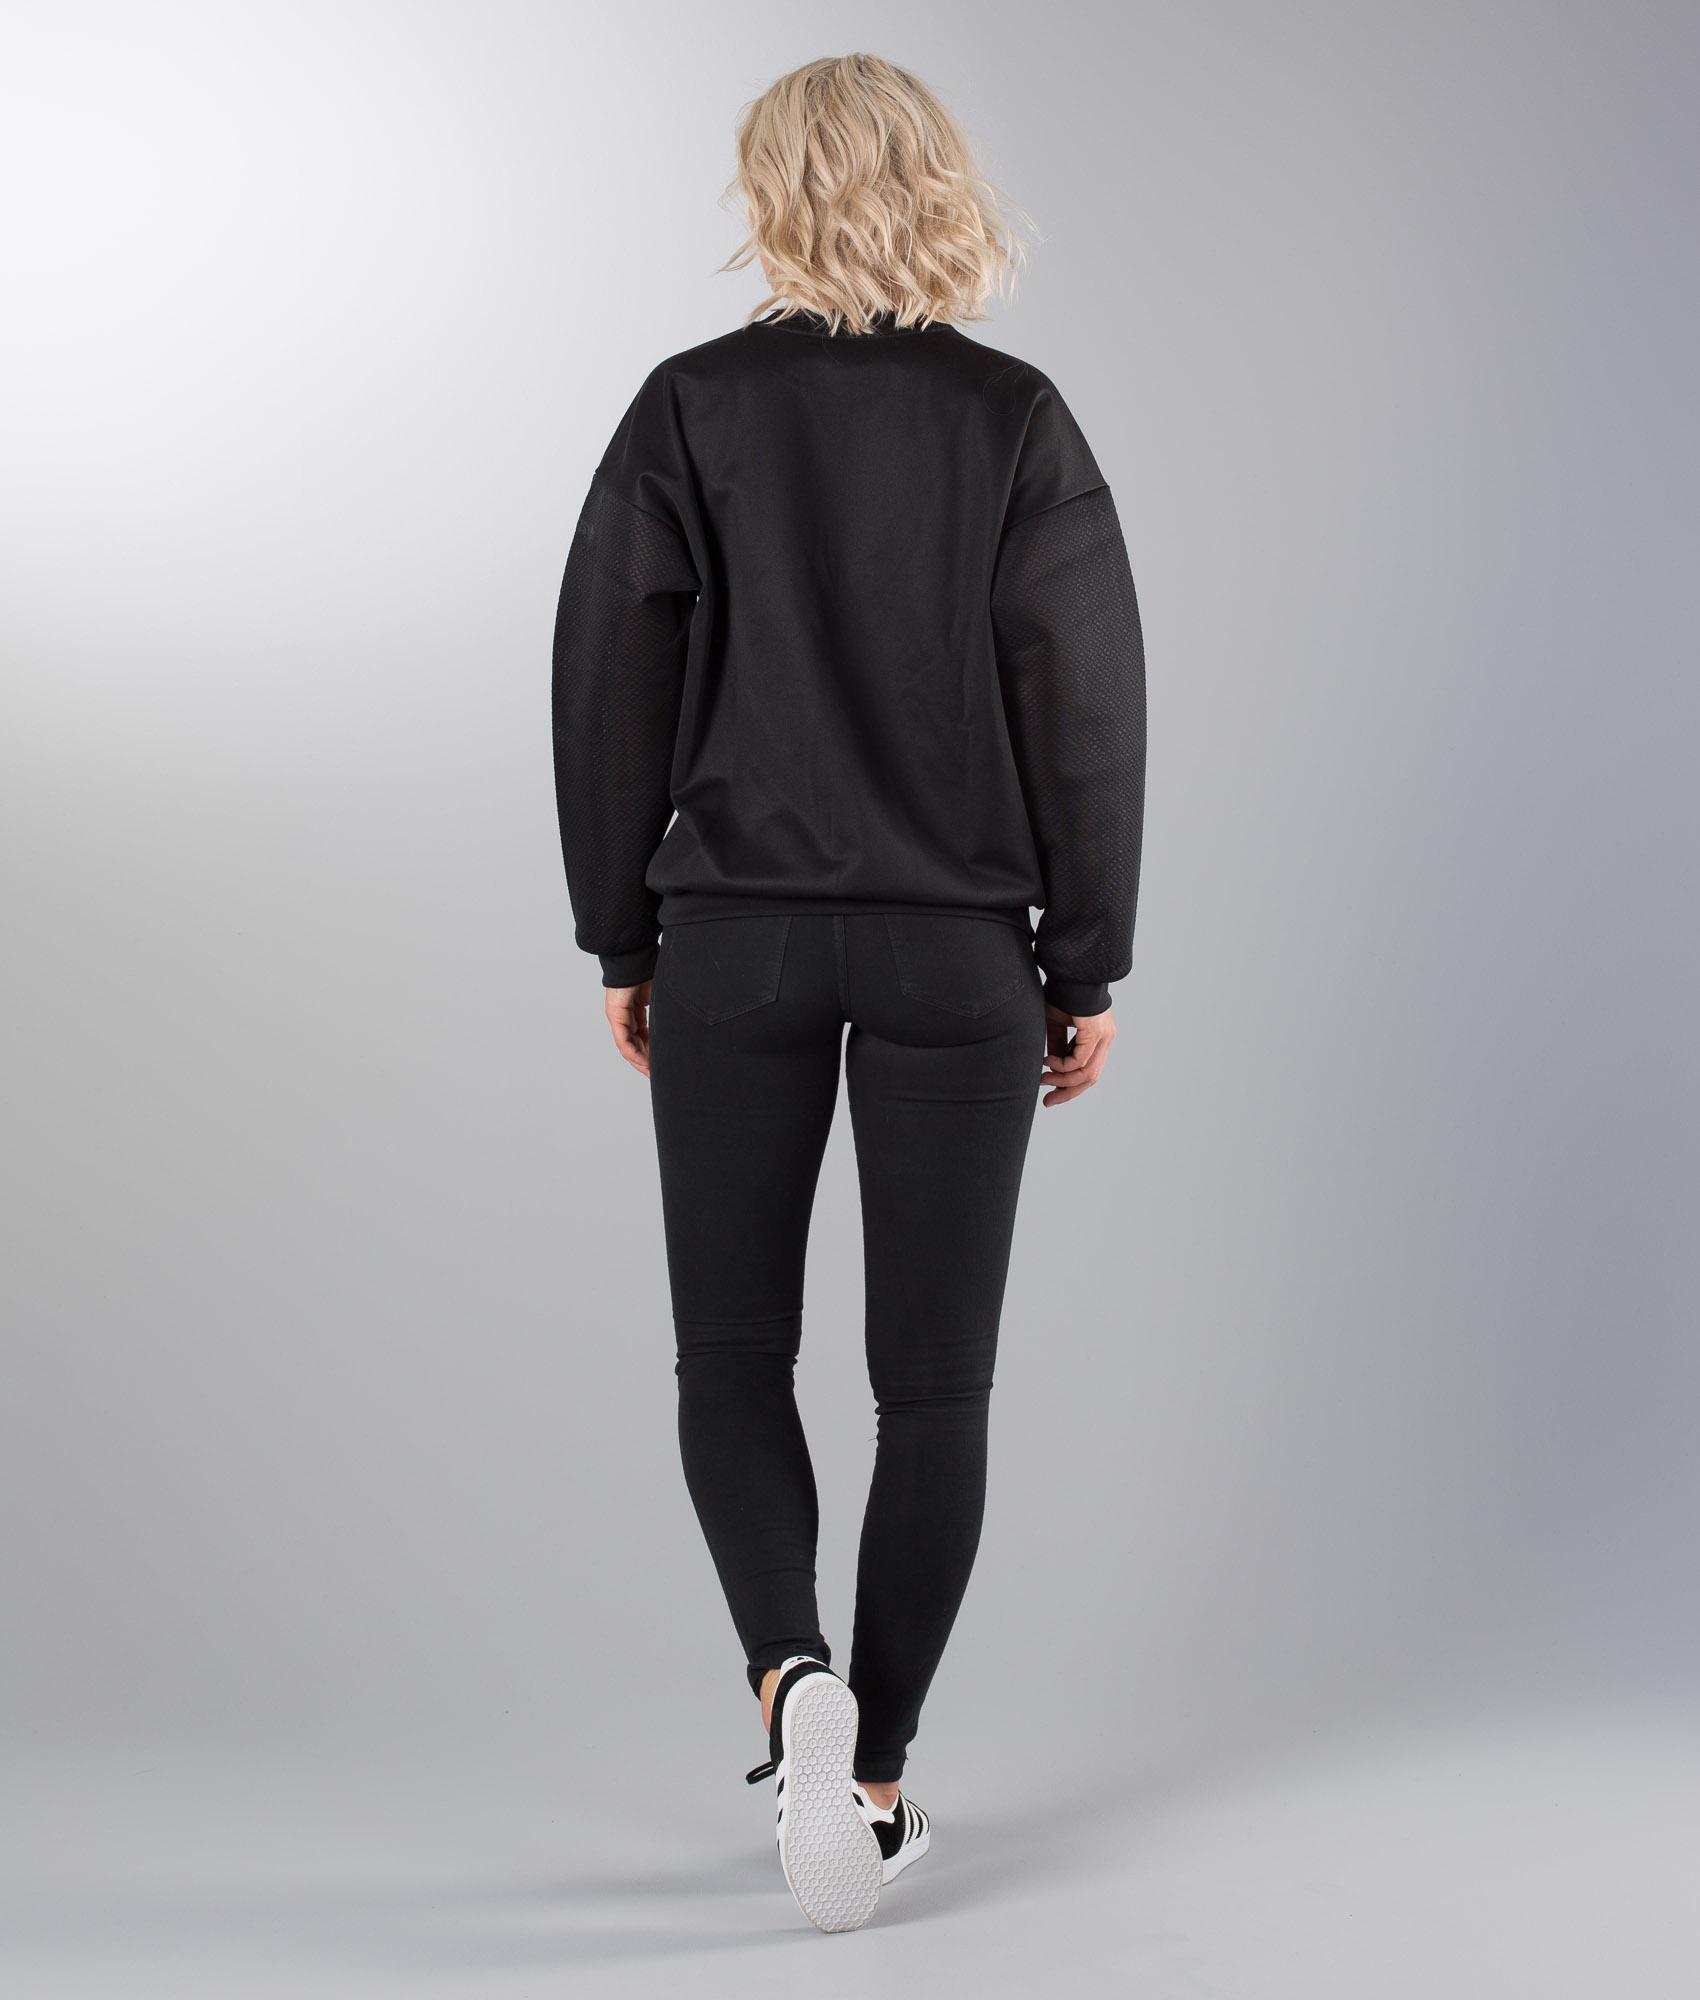 Adidas Originals Clrdo Sweater Black